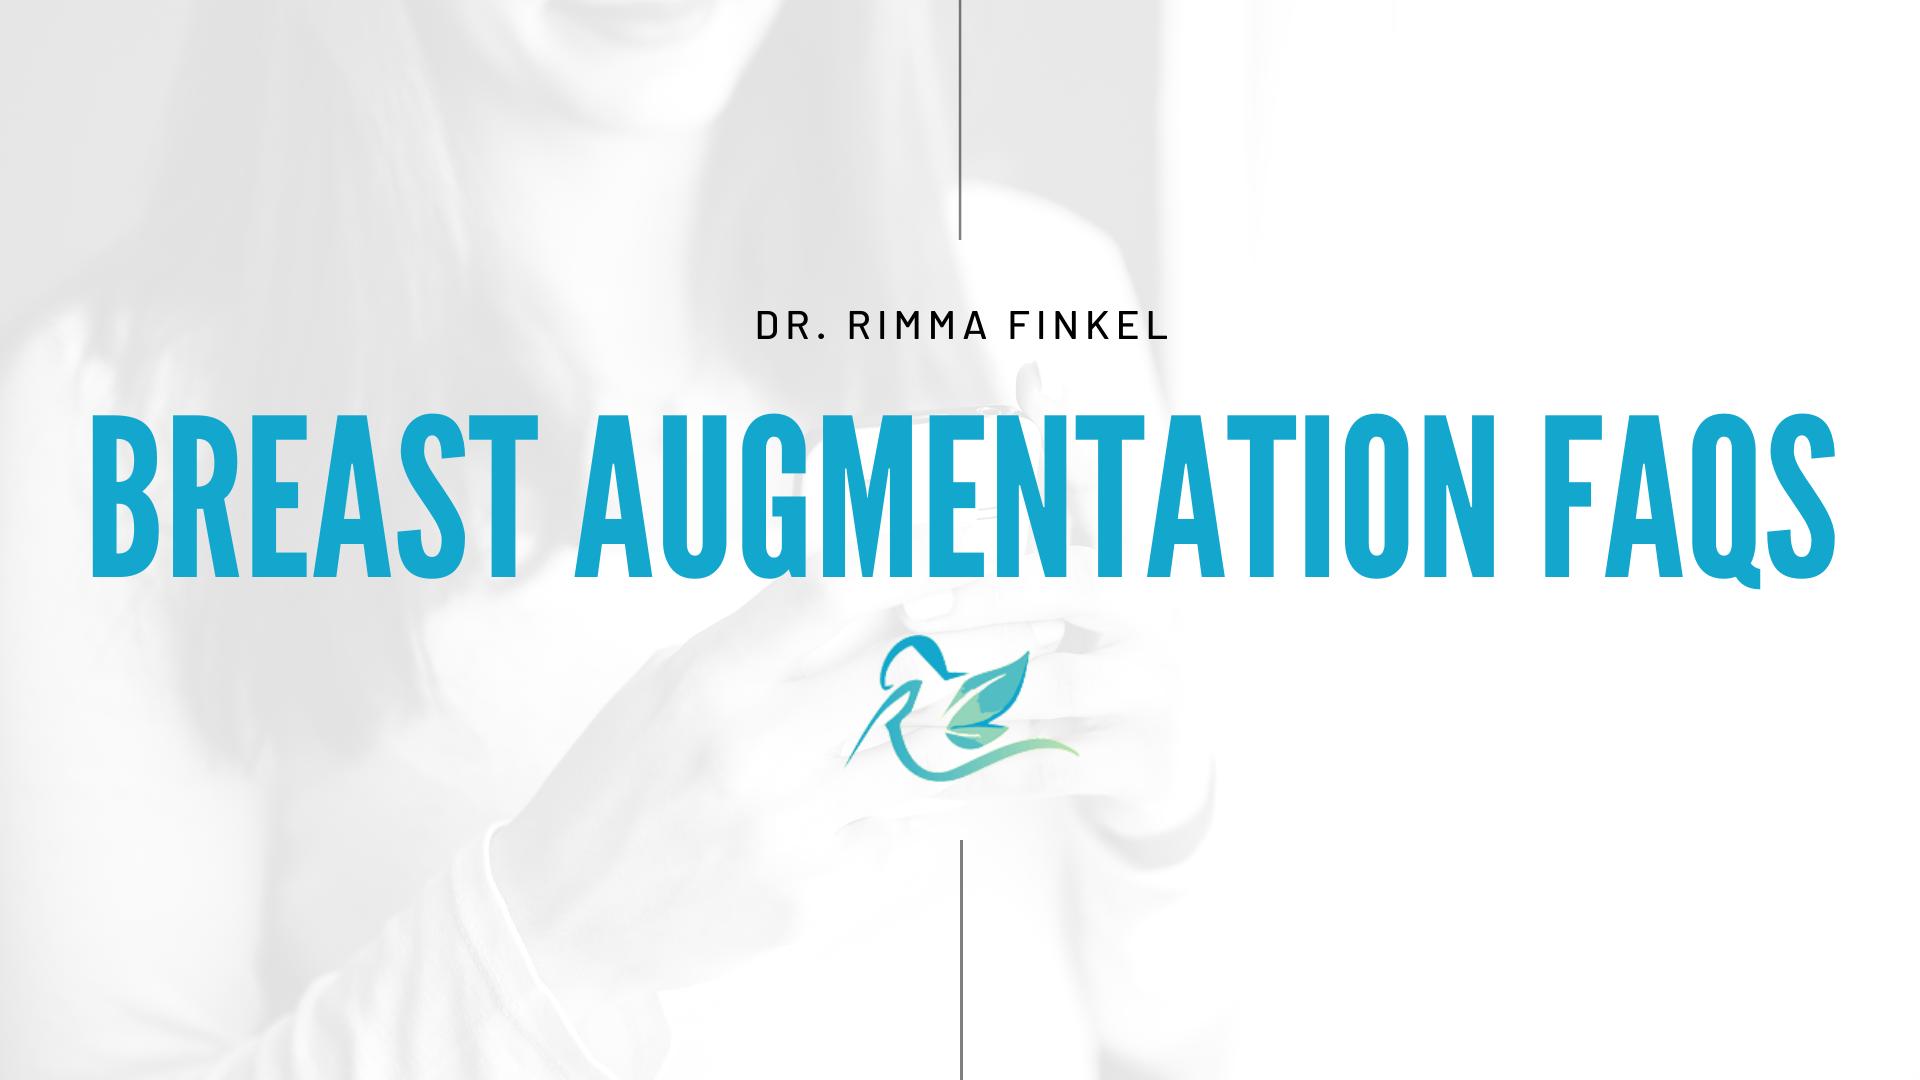 breast augmentation faq